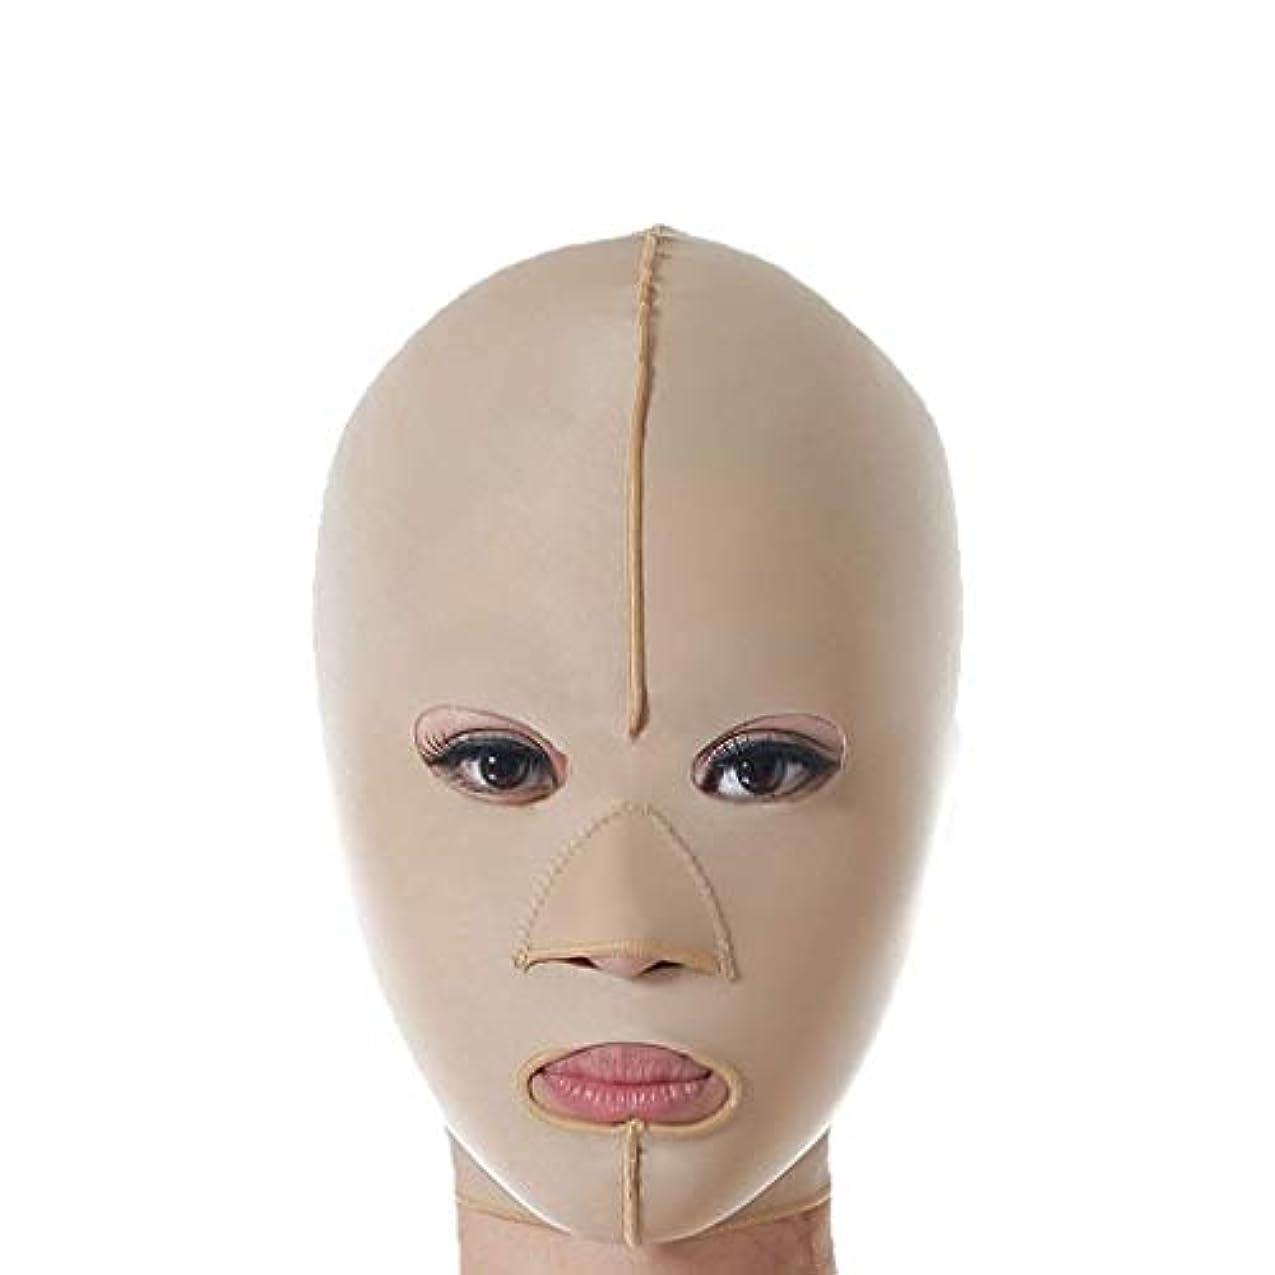 勝利したスケジュール不足減量フェイスマスク、リフティング包帯、スリムフェイスリフトリフティングベルト、フェイシャル減量リフティング包帯、リフティングファーミング包帯(サイズ:XL),M